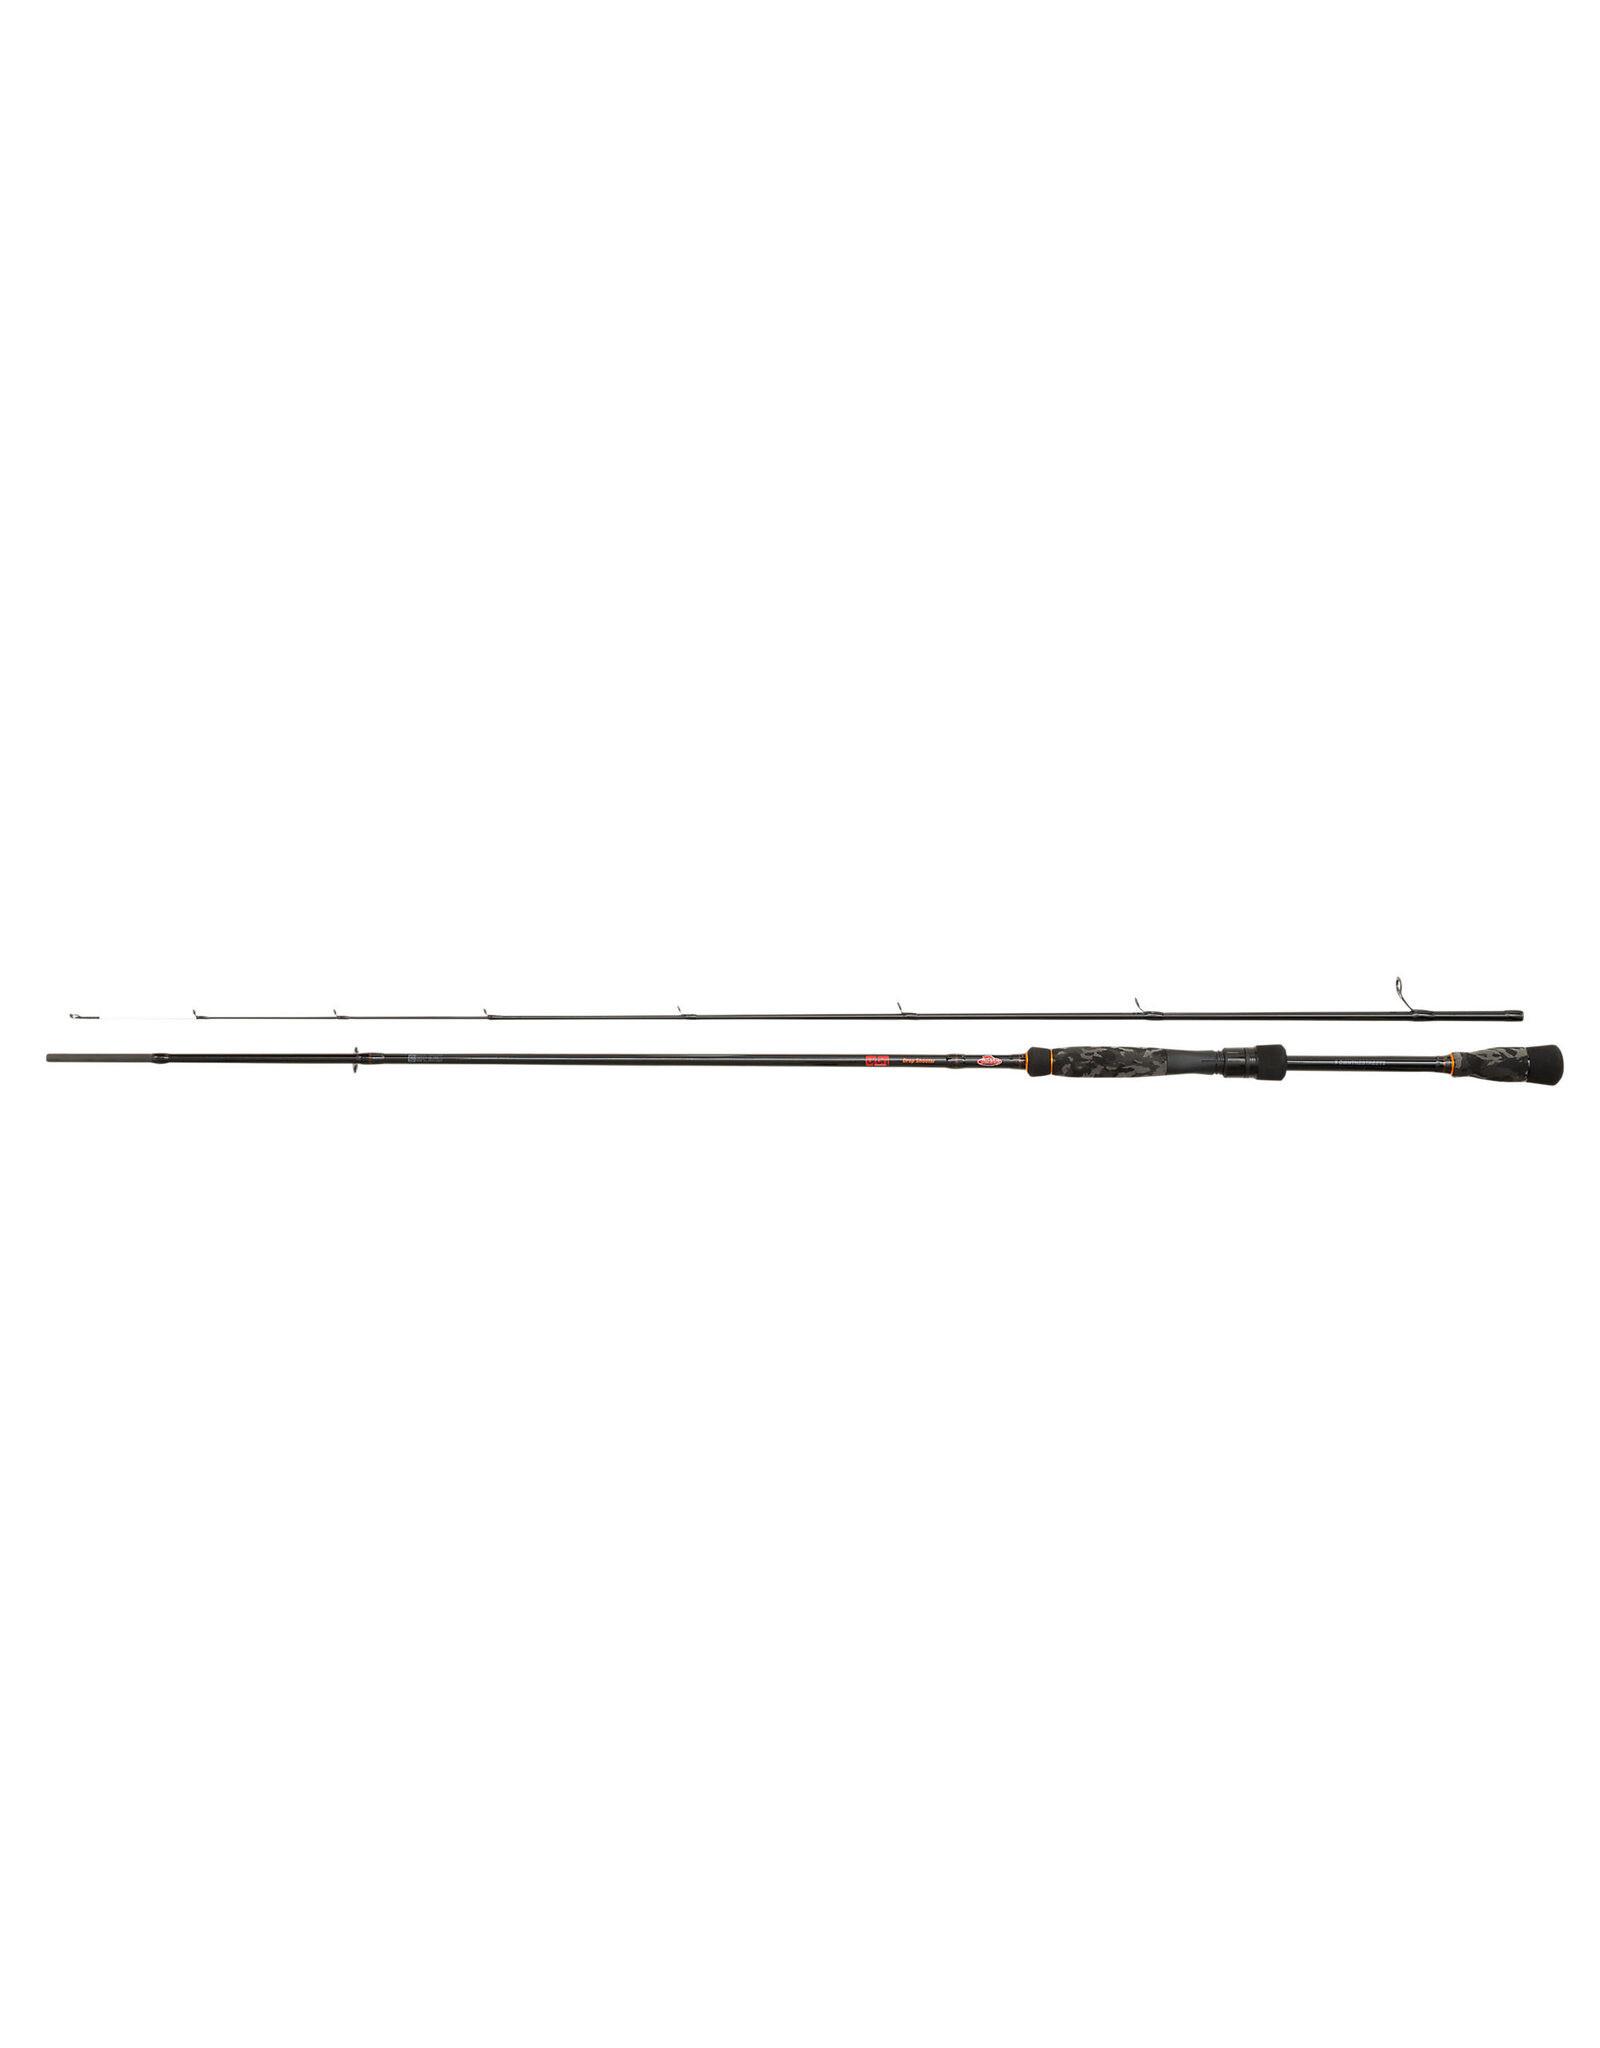 Berkley URBN Dropshooter 7-12 g